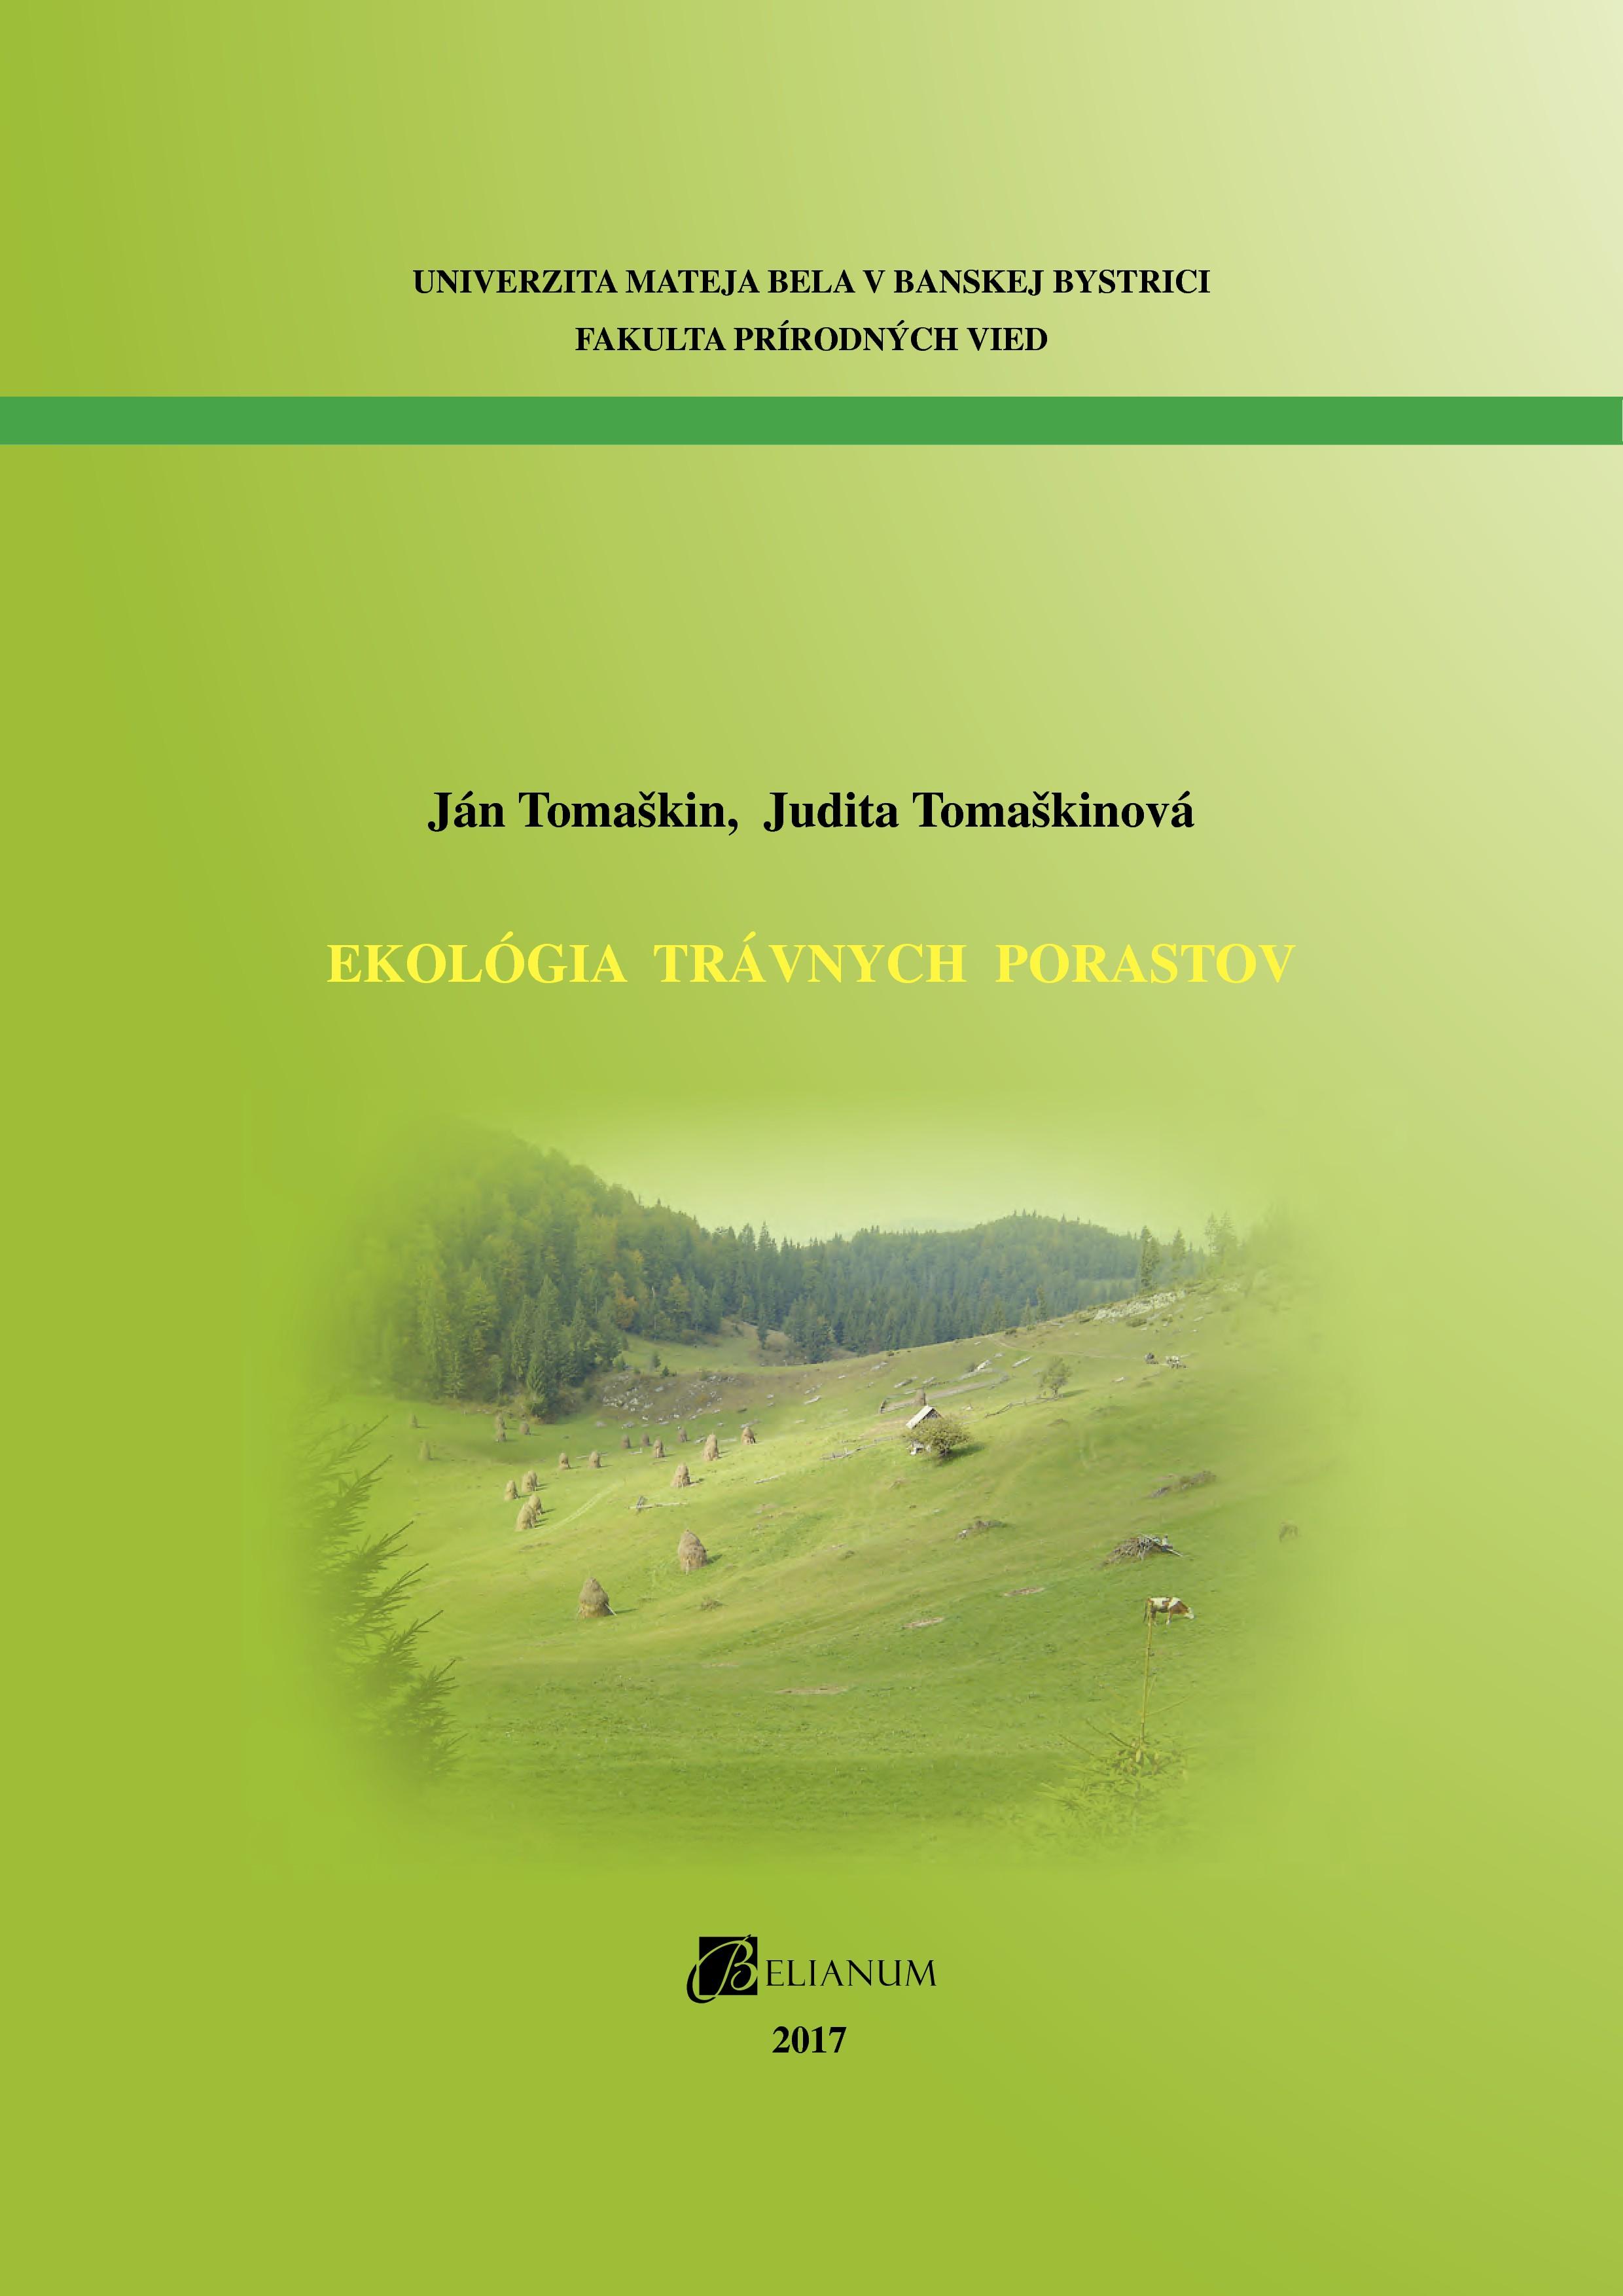 Ekológia trávnych porastov